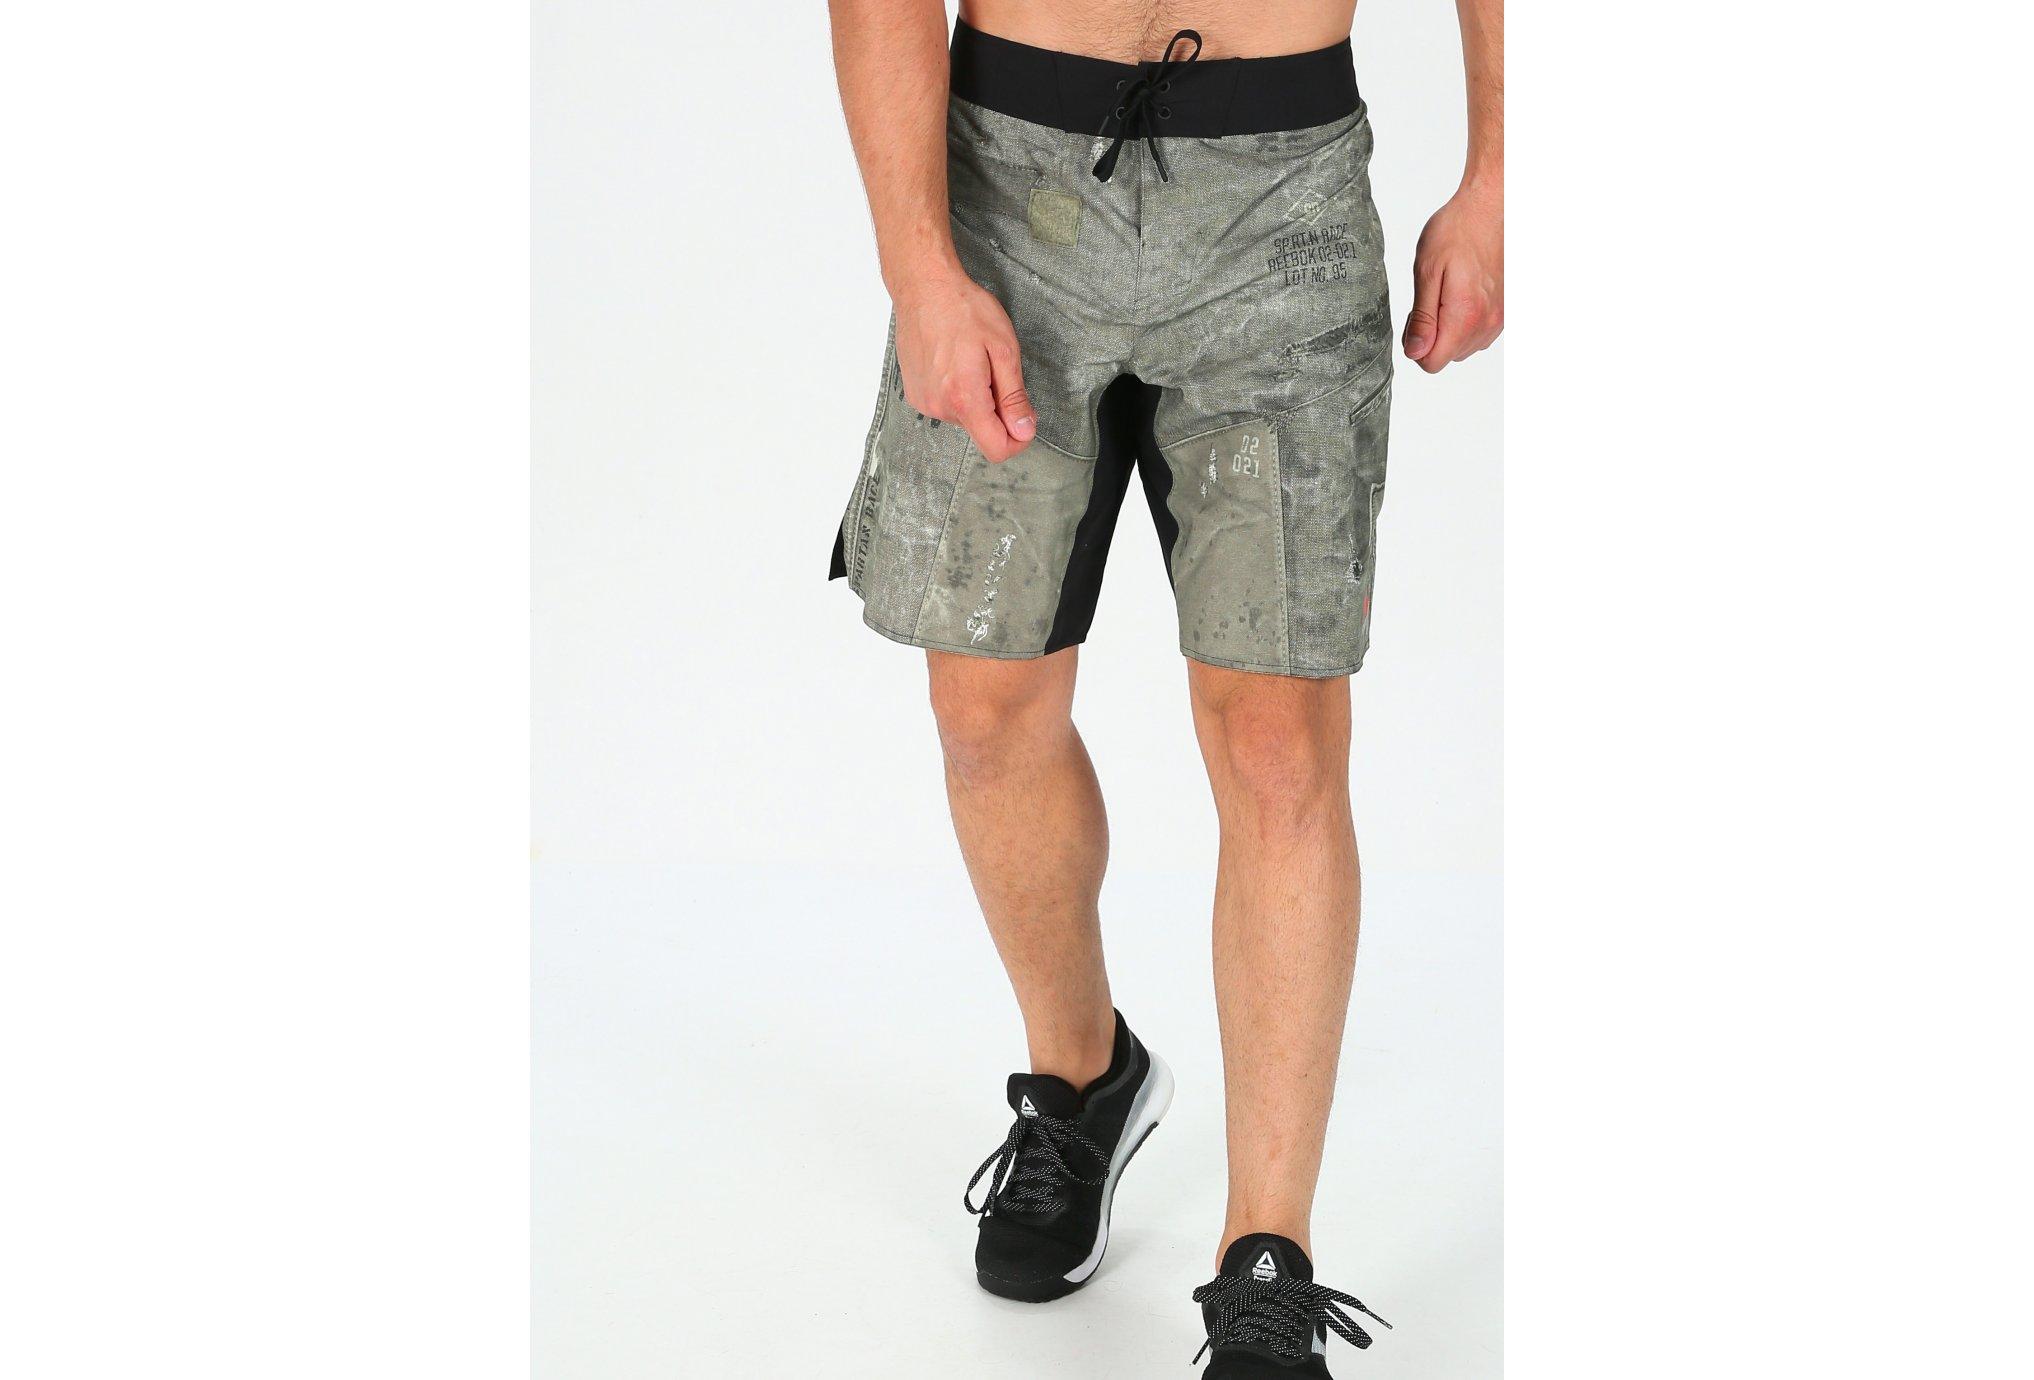 Reebok Spartan Race M Diététique Vêtements homme